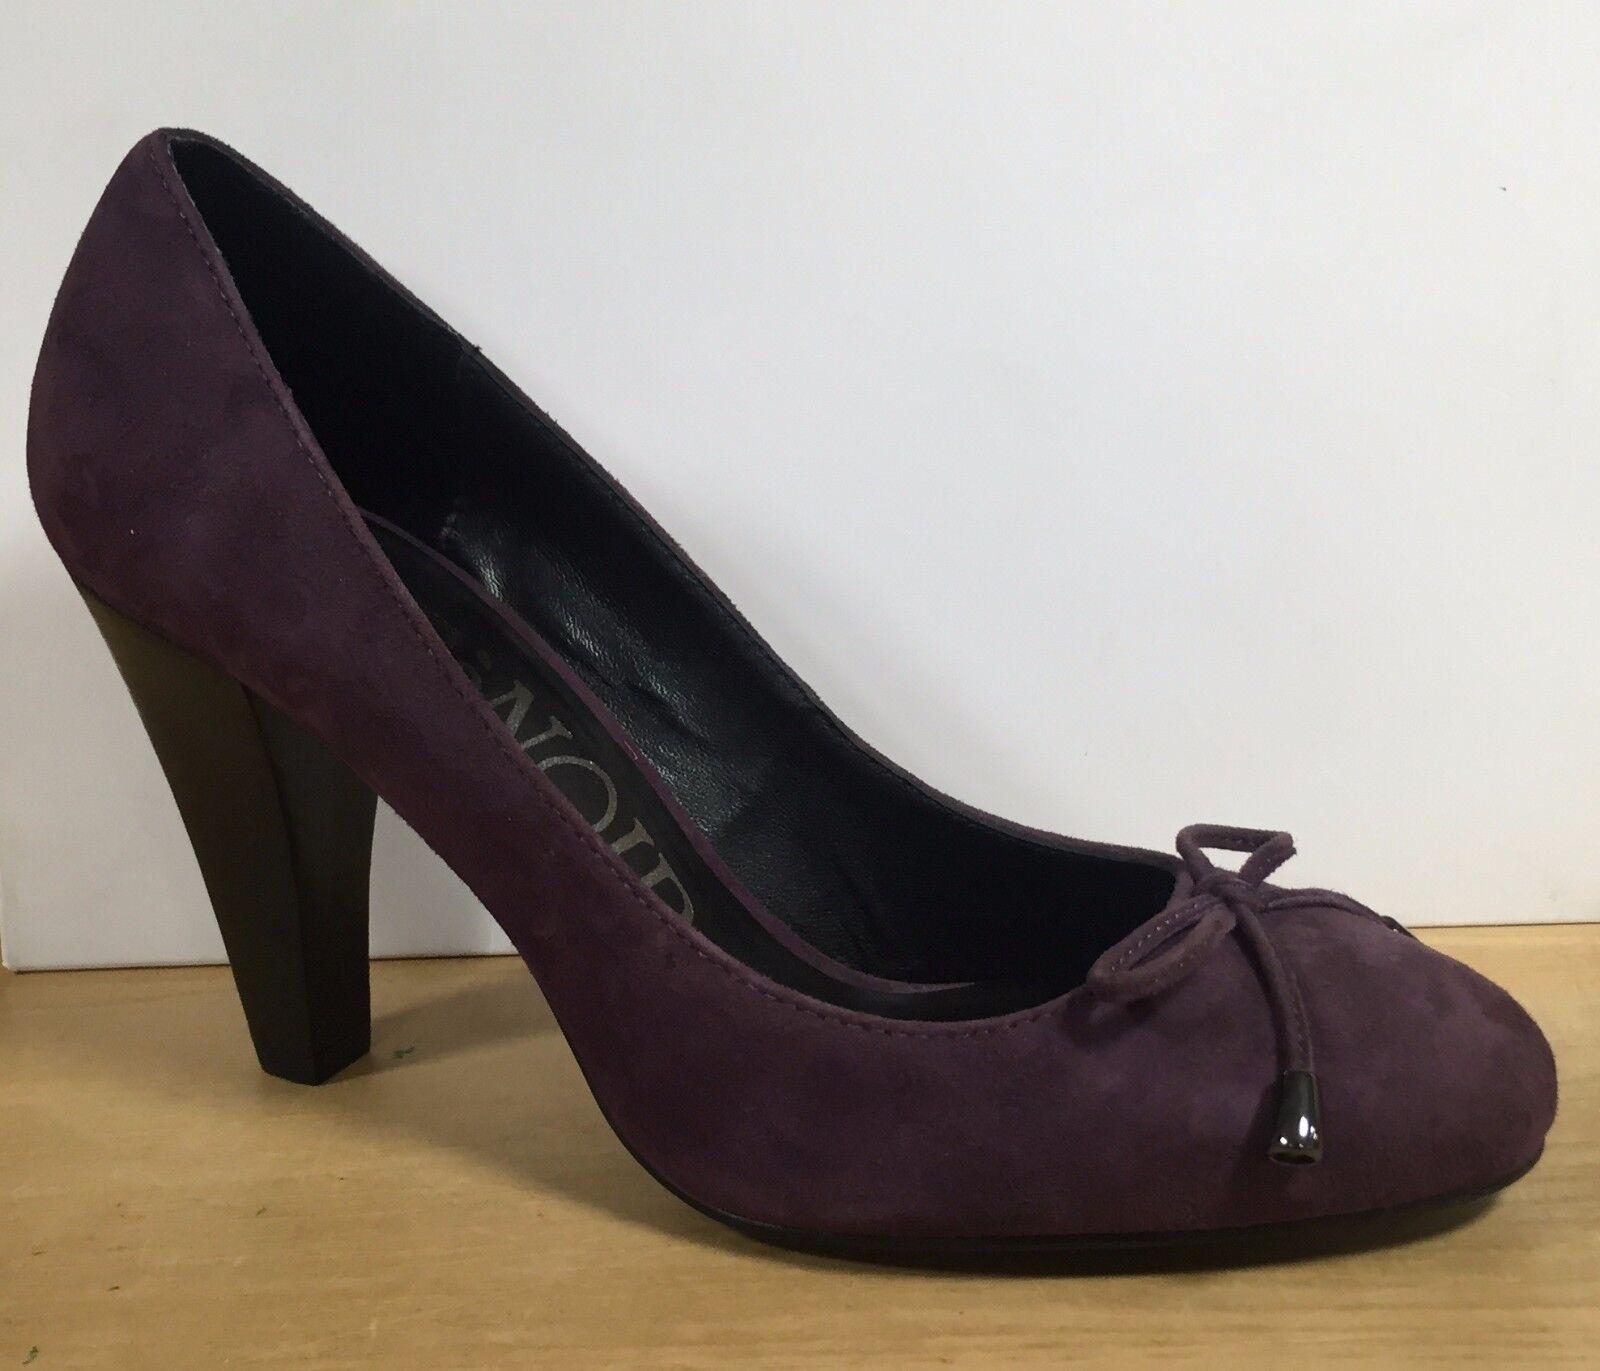 CAFè NOIR scarpe donna decoletè in camoscio camoscio in prugna con tacco alto e plateau 9eff63